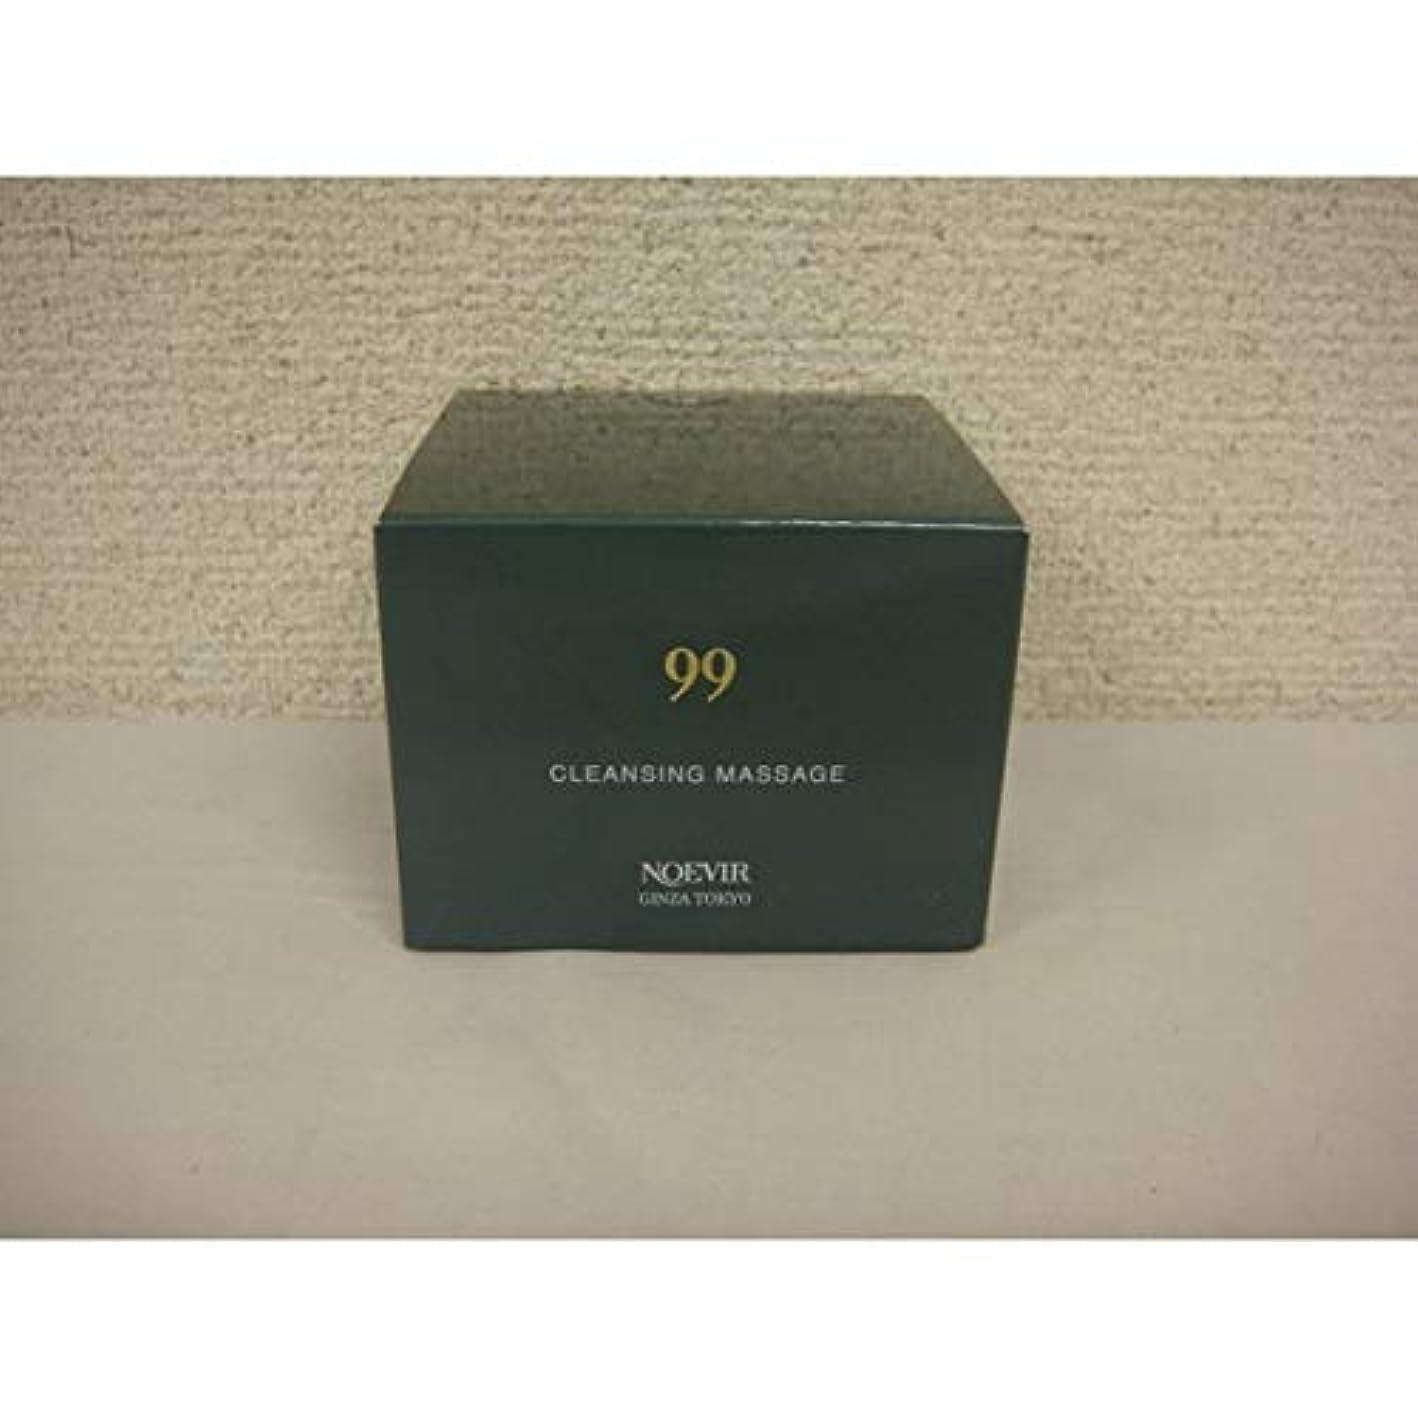 解任グリル政府【X2個セット】ノエビア 99 クレンジングマッサージクリーム 100g